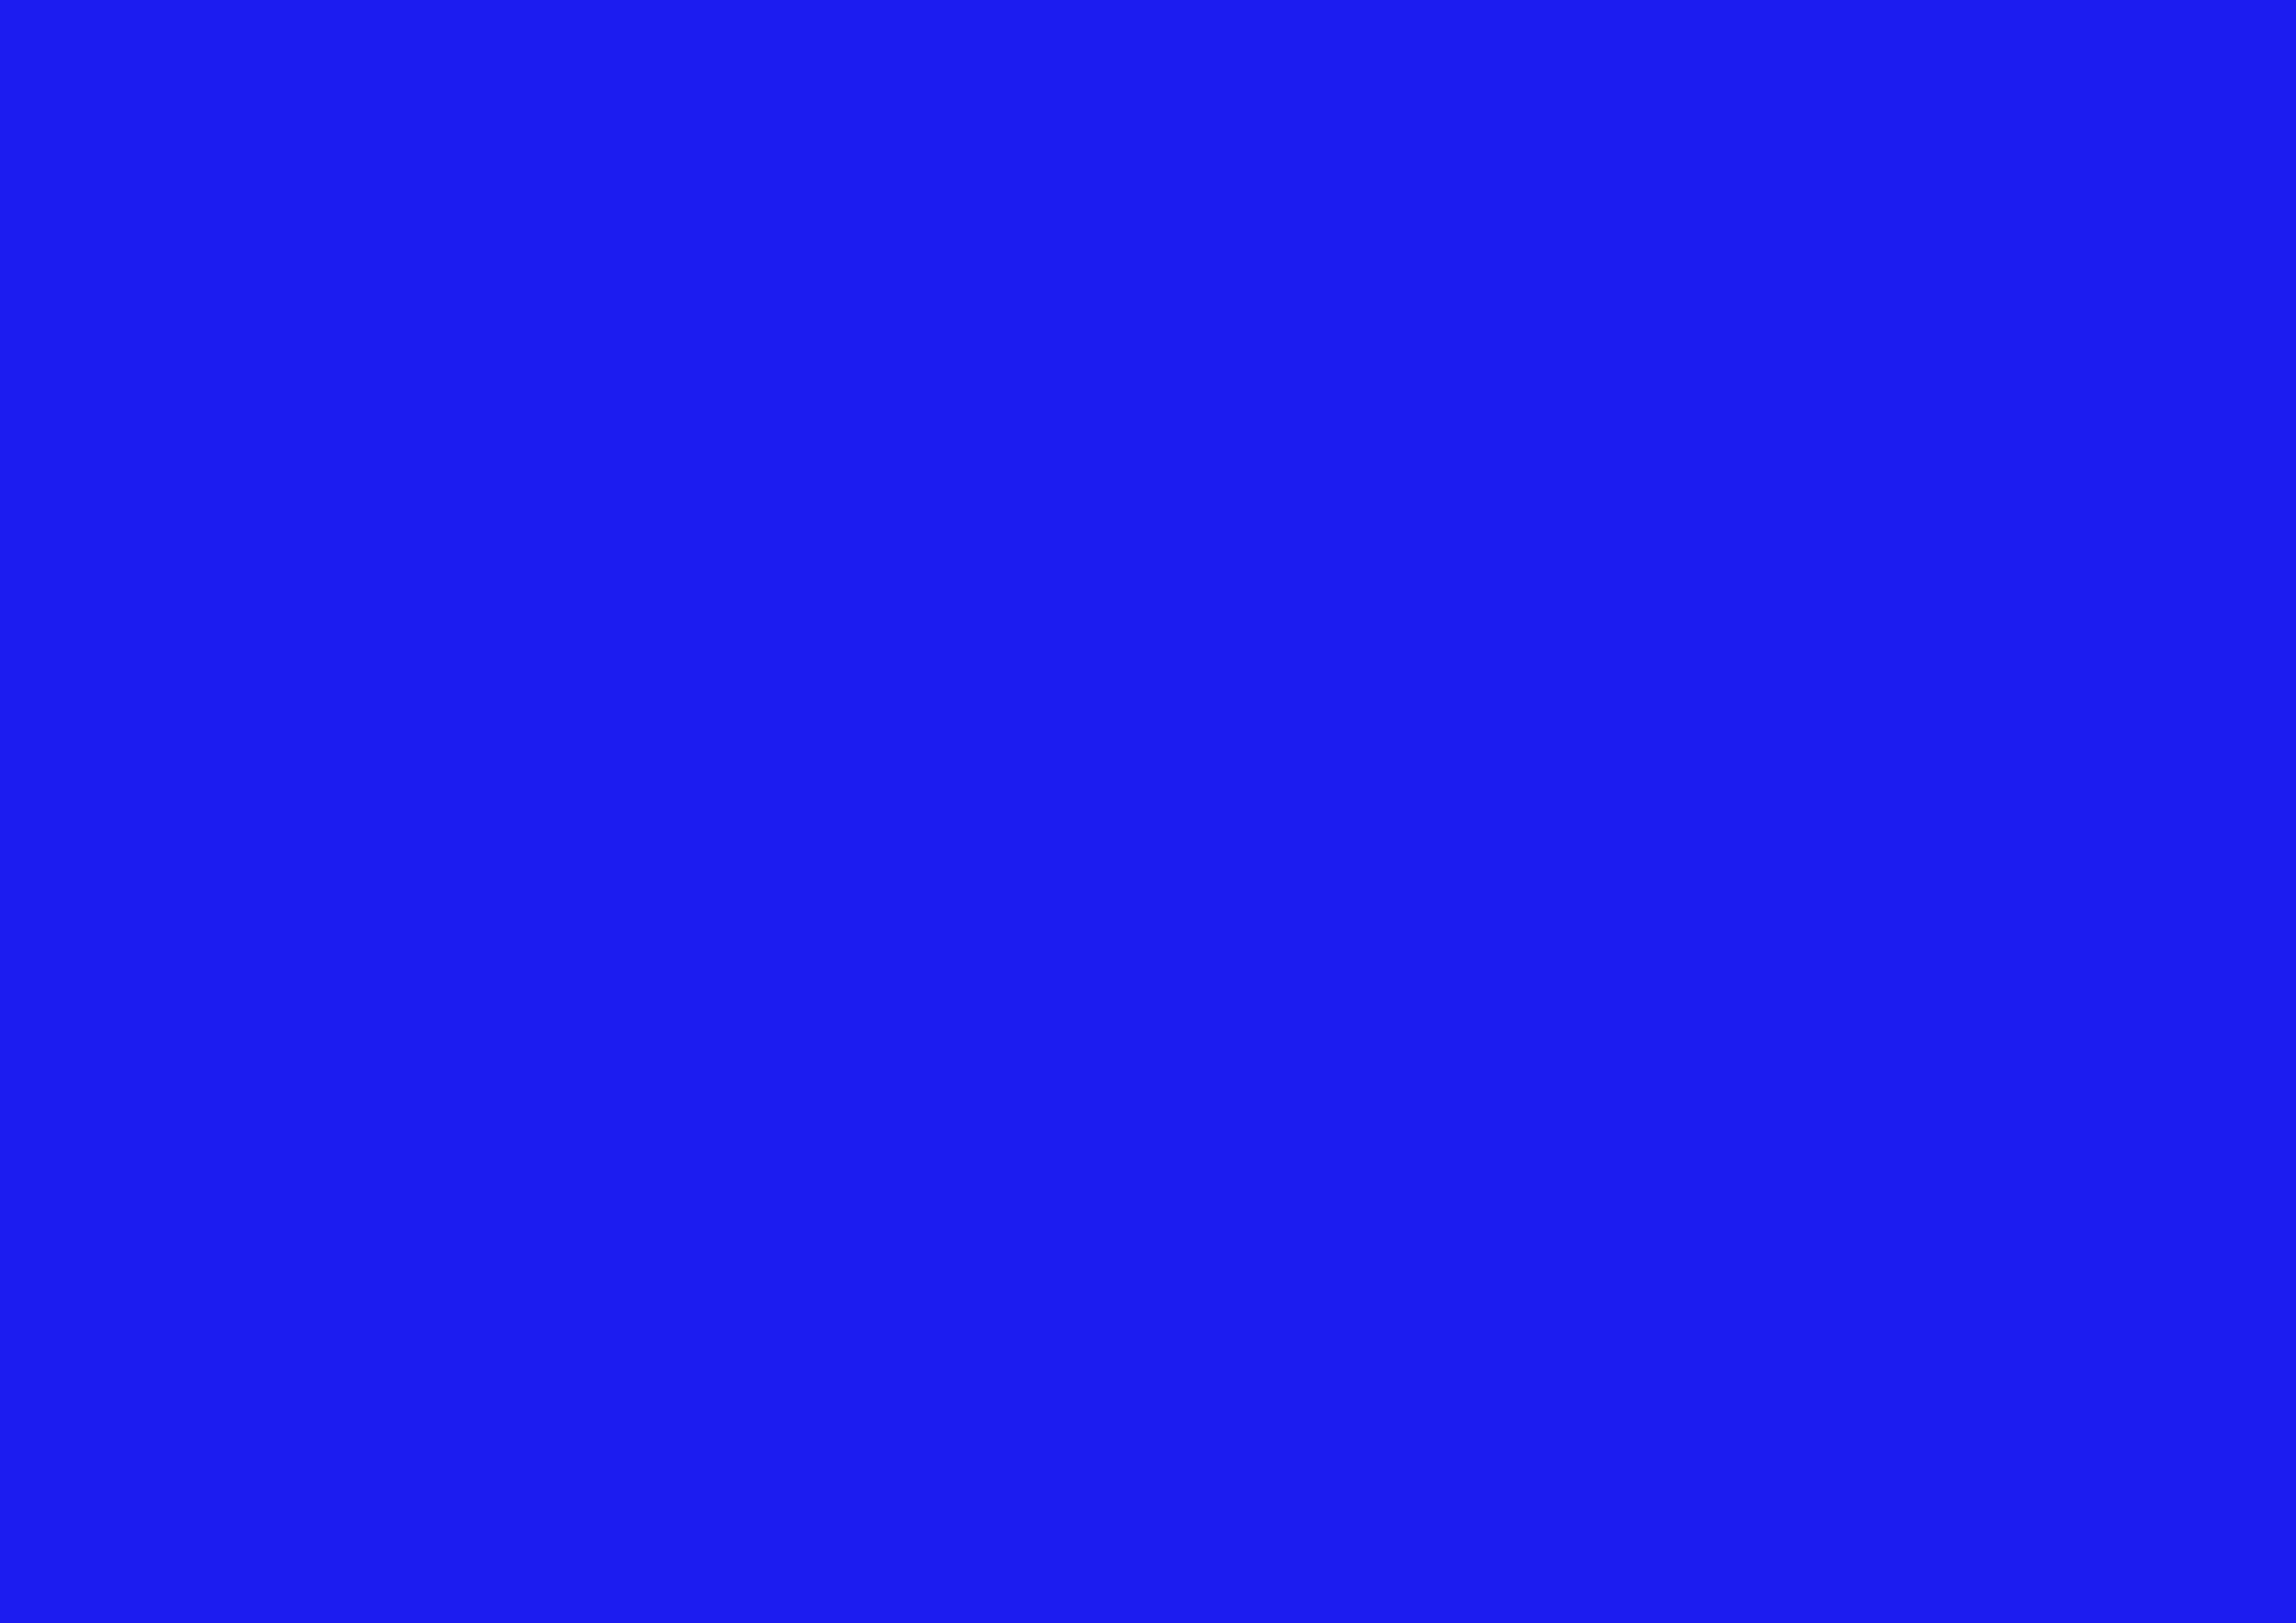 3508x2480 Bluebonnet Solid Color Background